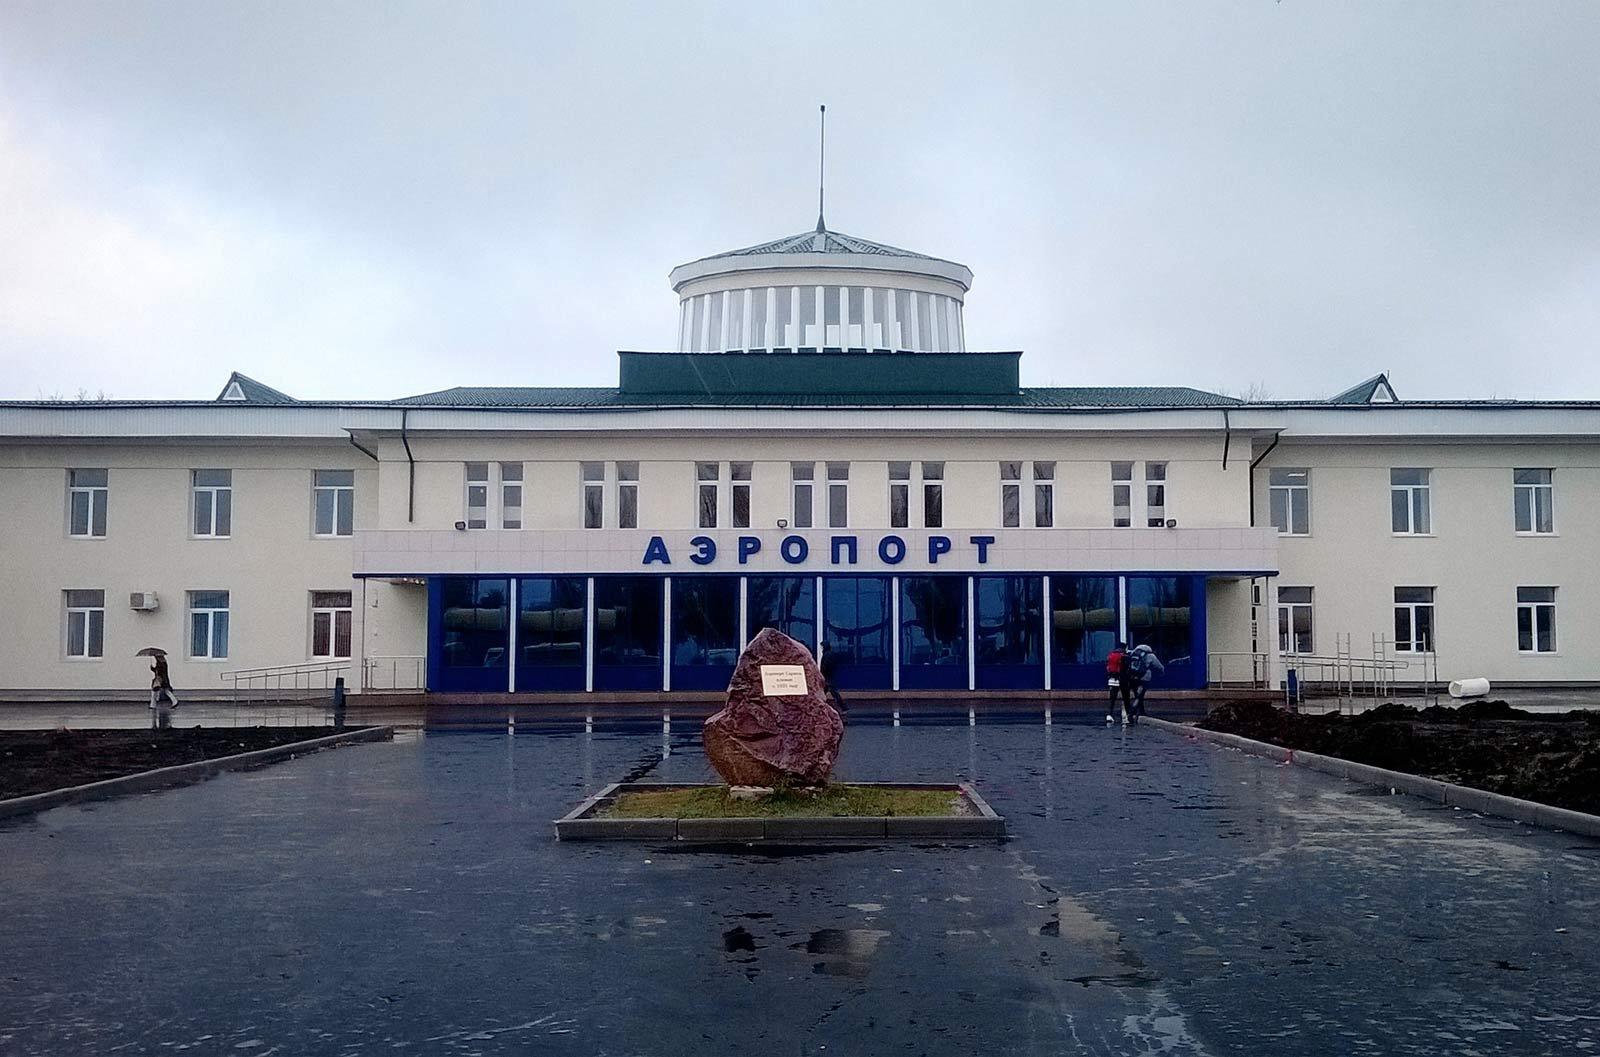 Саратов получит избюджета 1 млрд руб. настроительство аэропорта